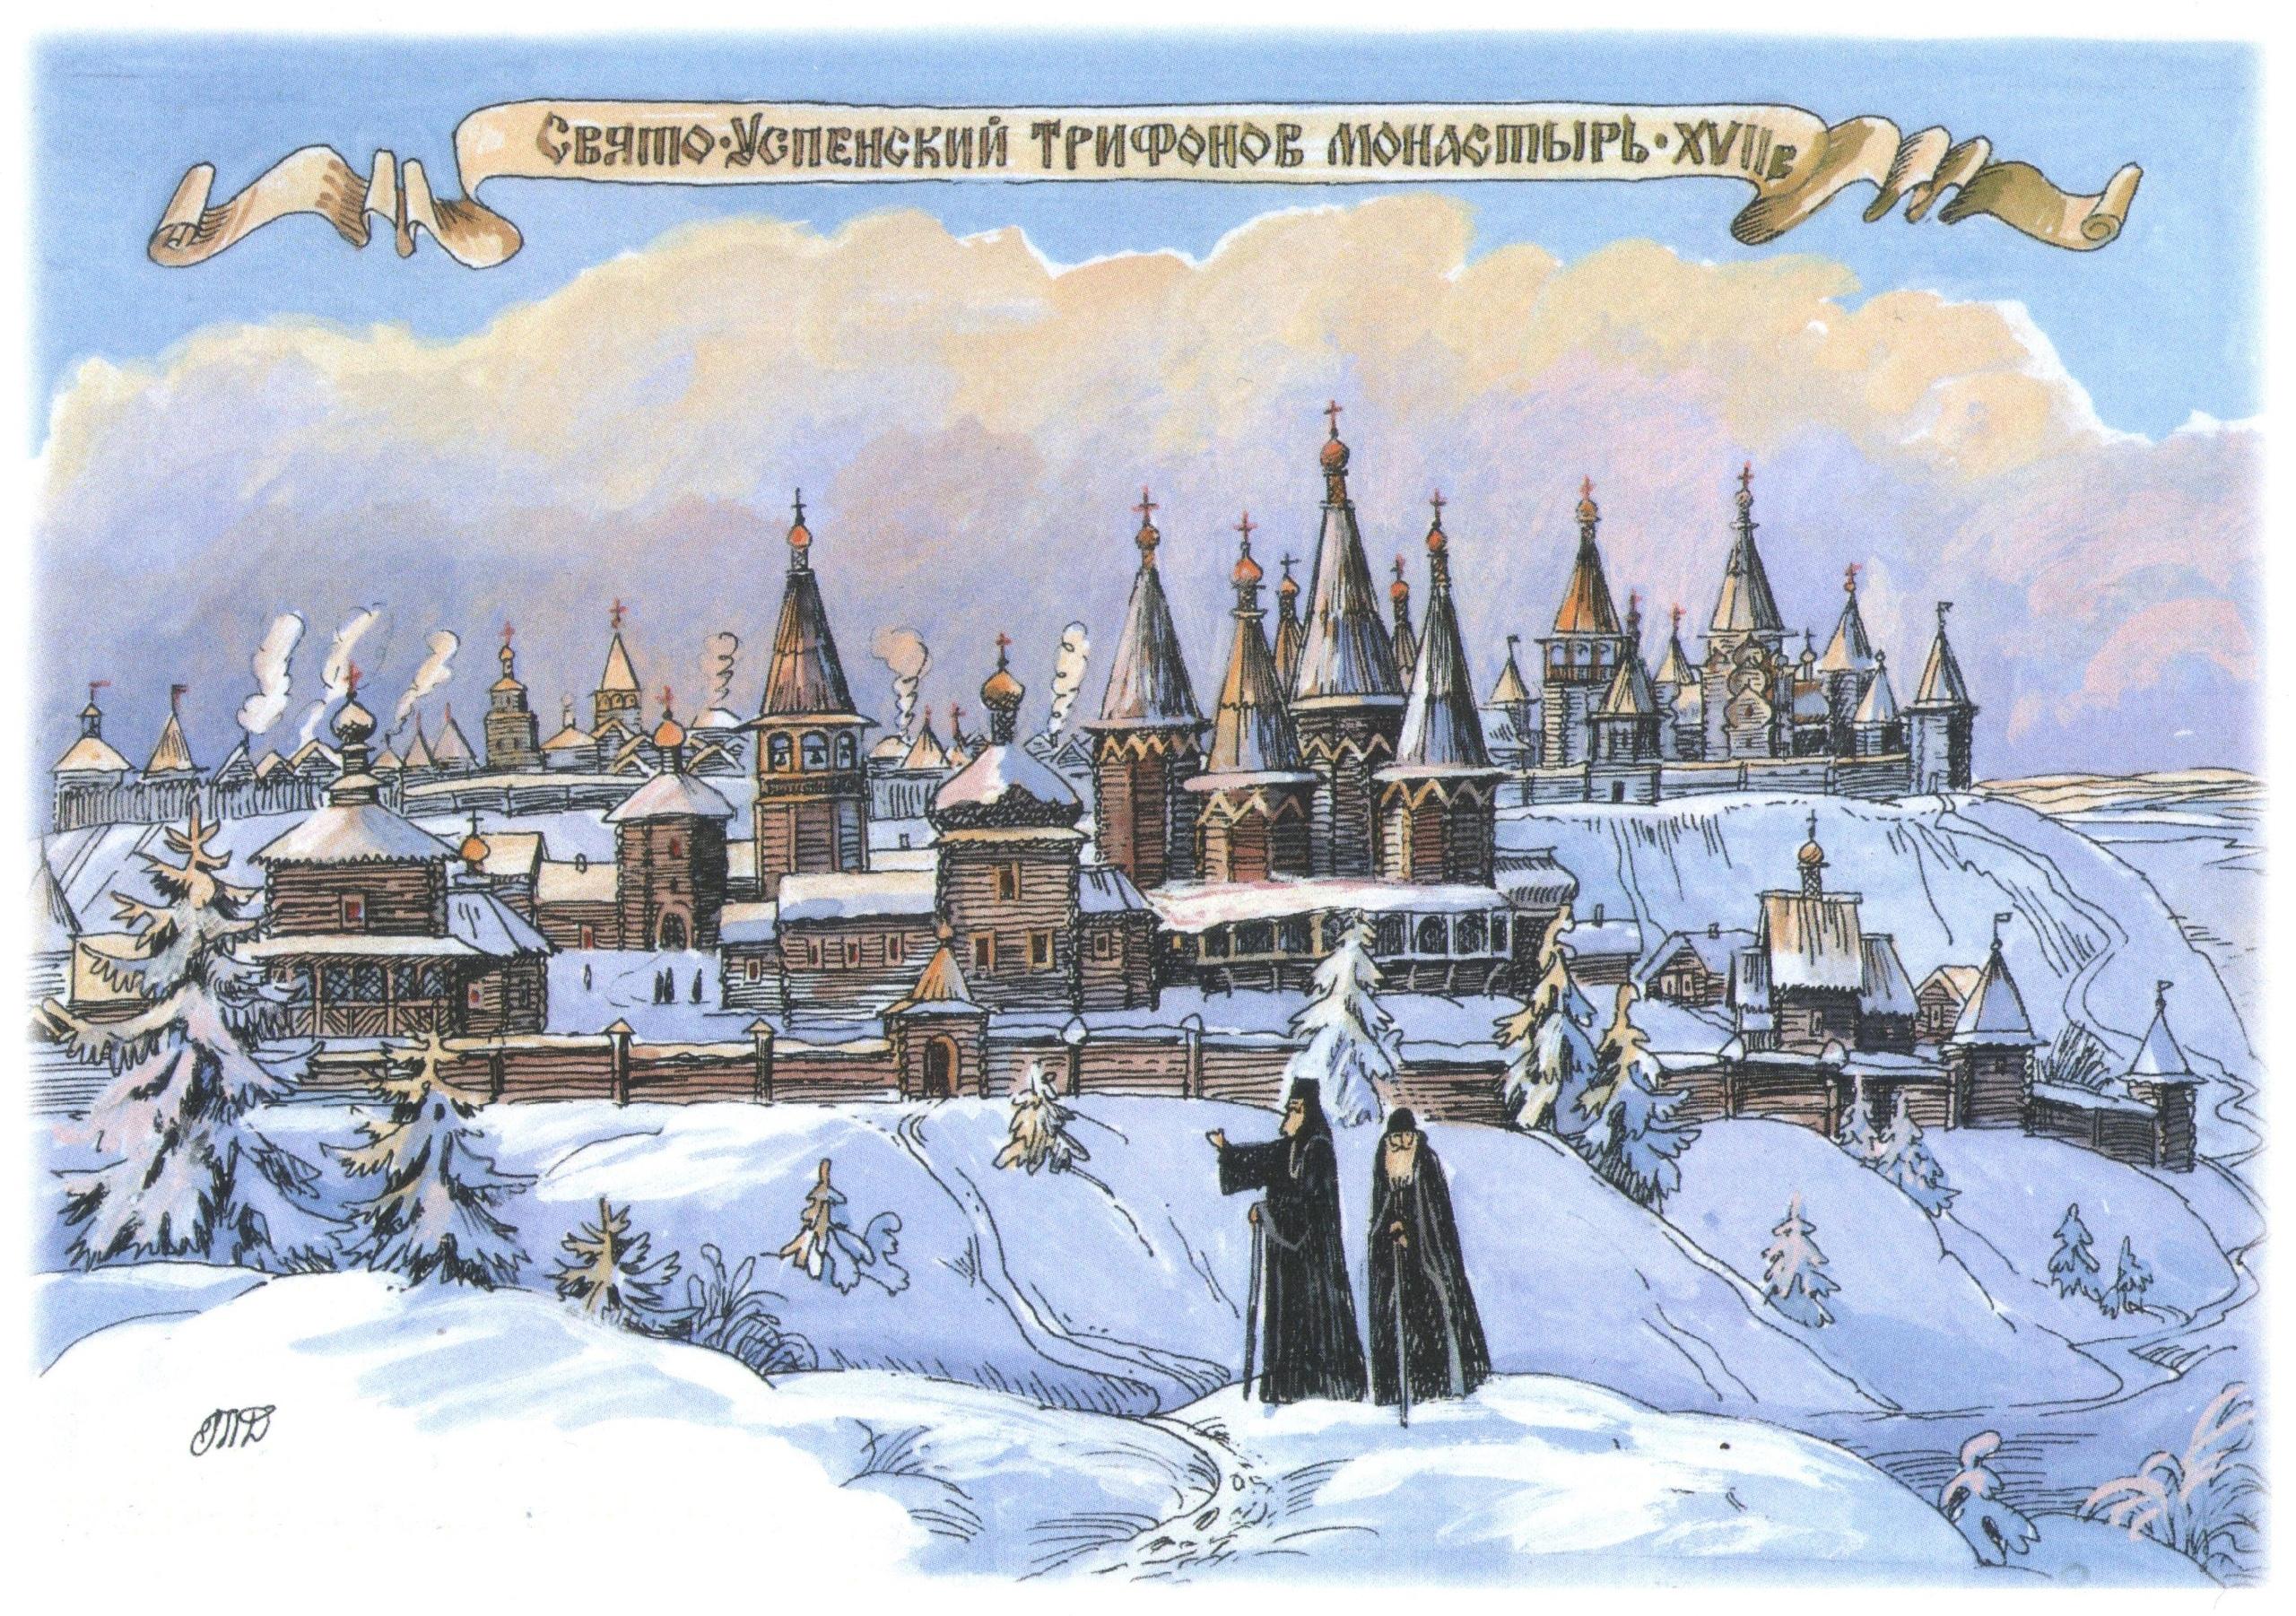 Монастырь основан святым Трифоном Вятским в 1580 году.